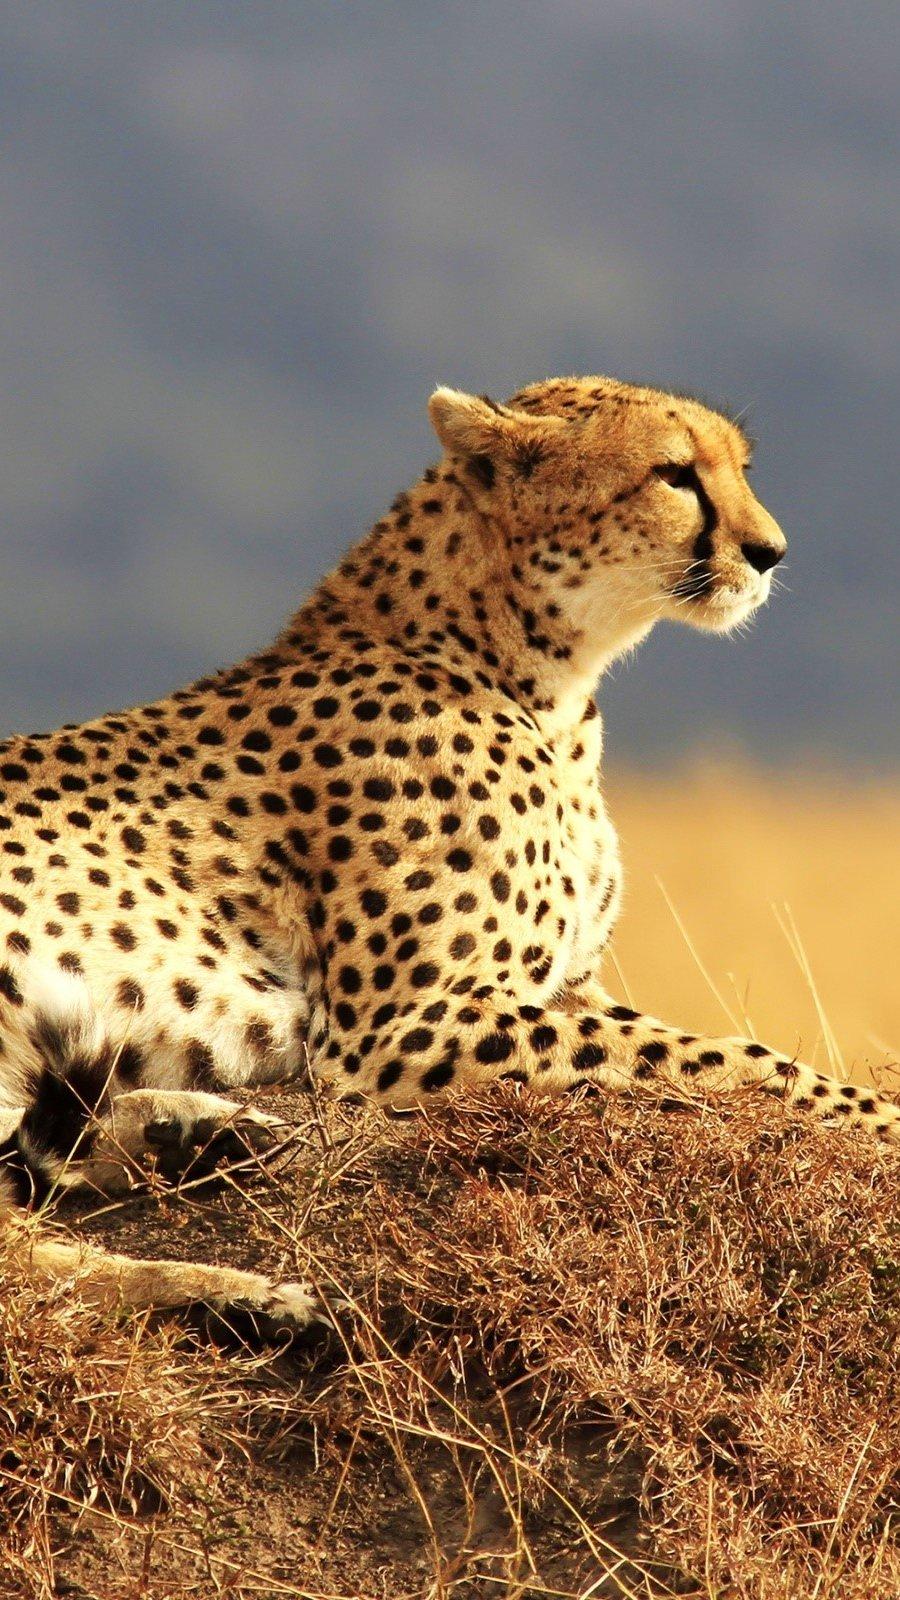 Fondos de pantalla Chita en Africa Vertical